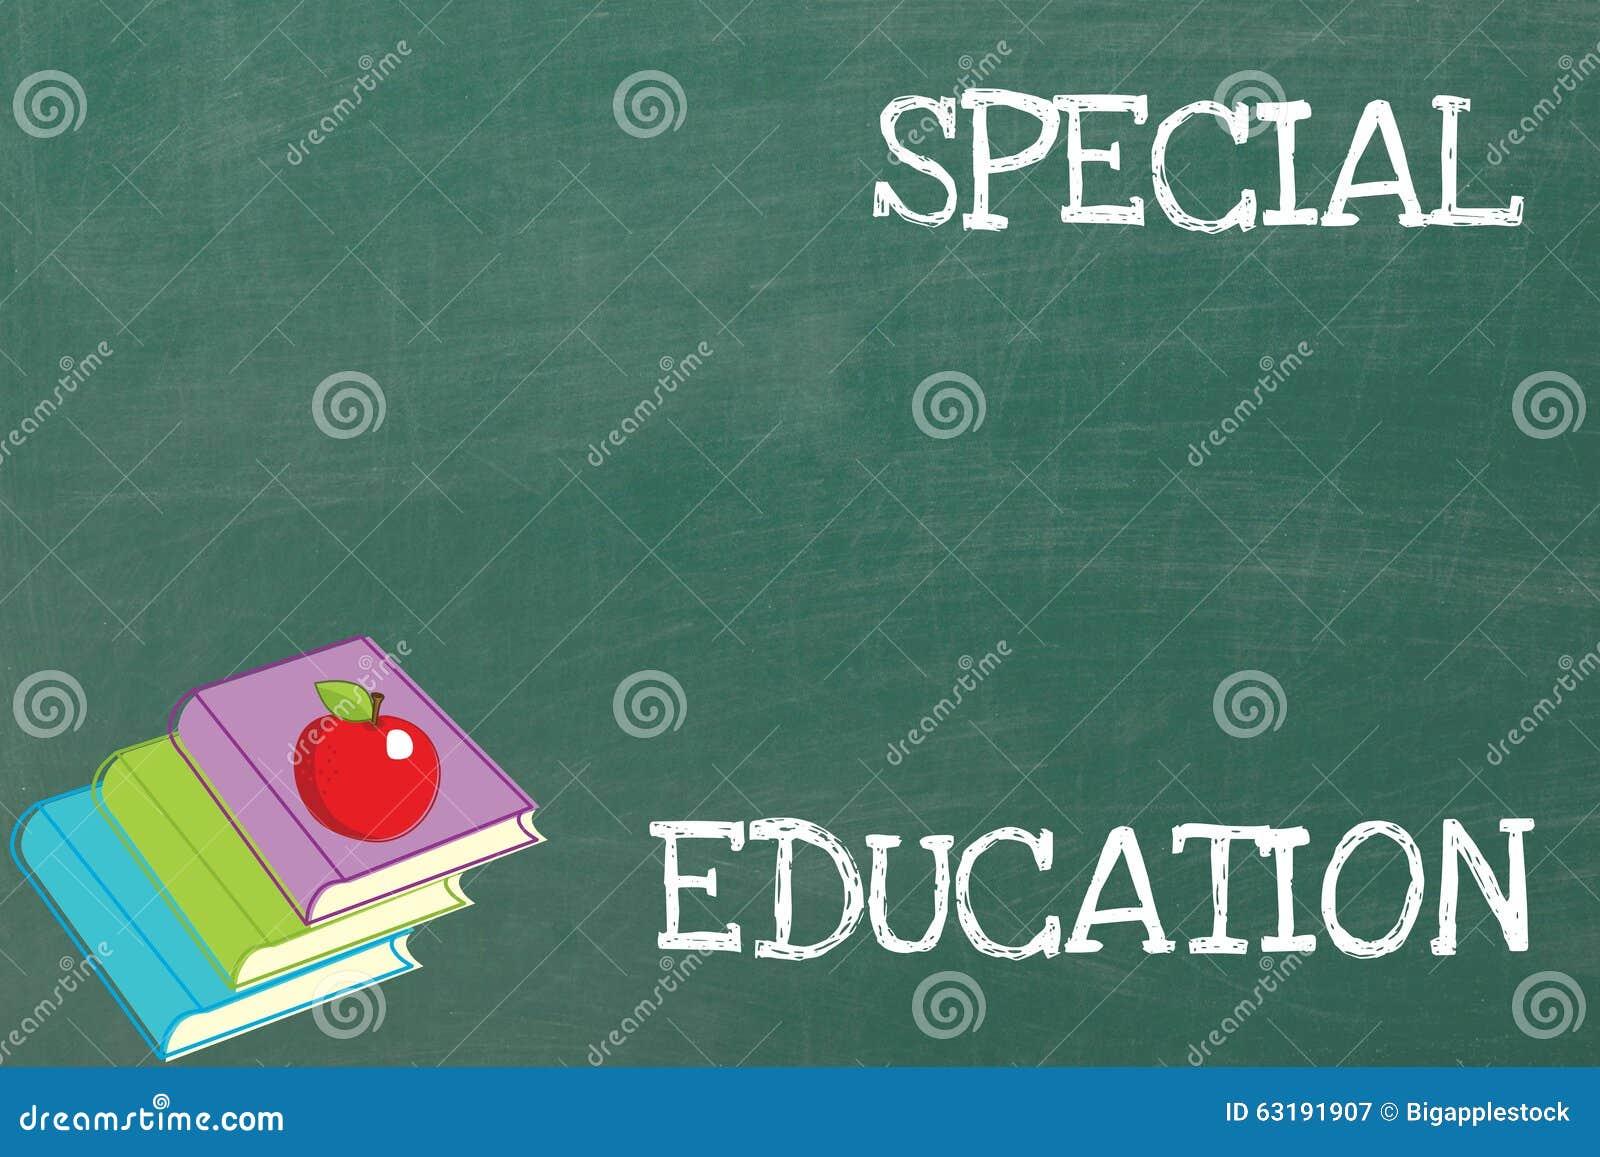 Специальное образование